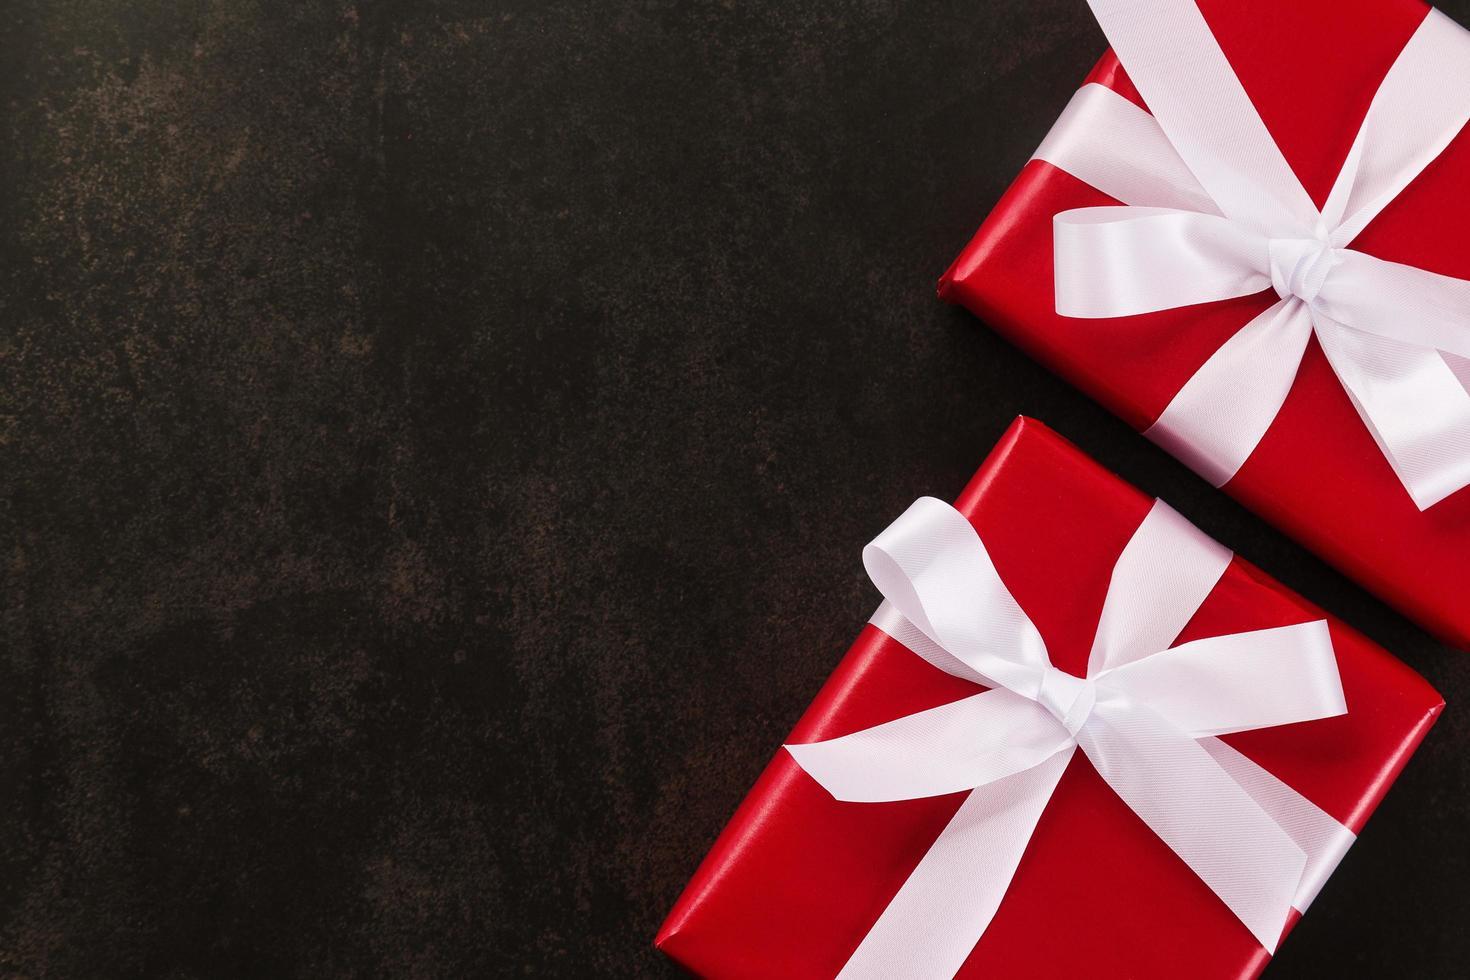 cajas de regalo de navidad foto